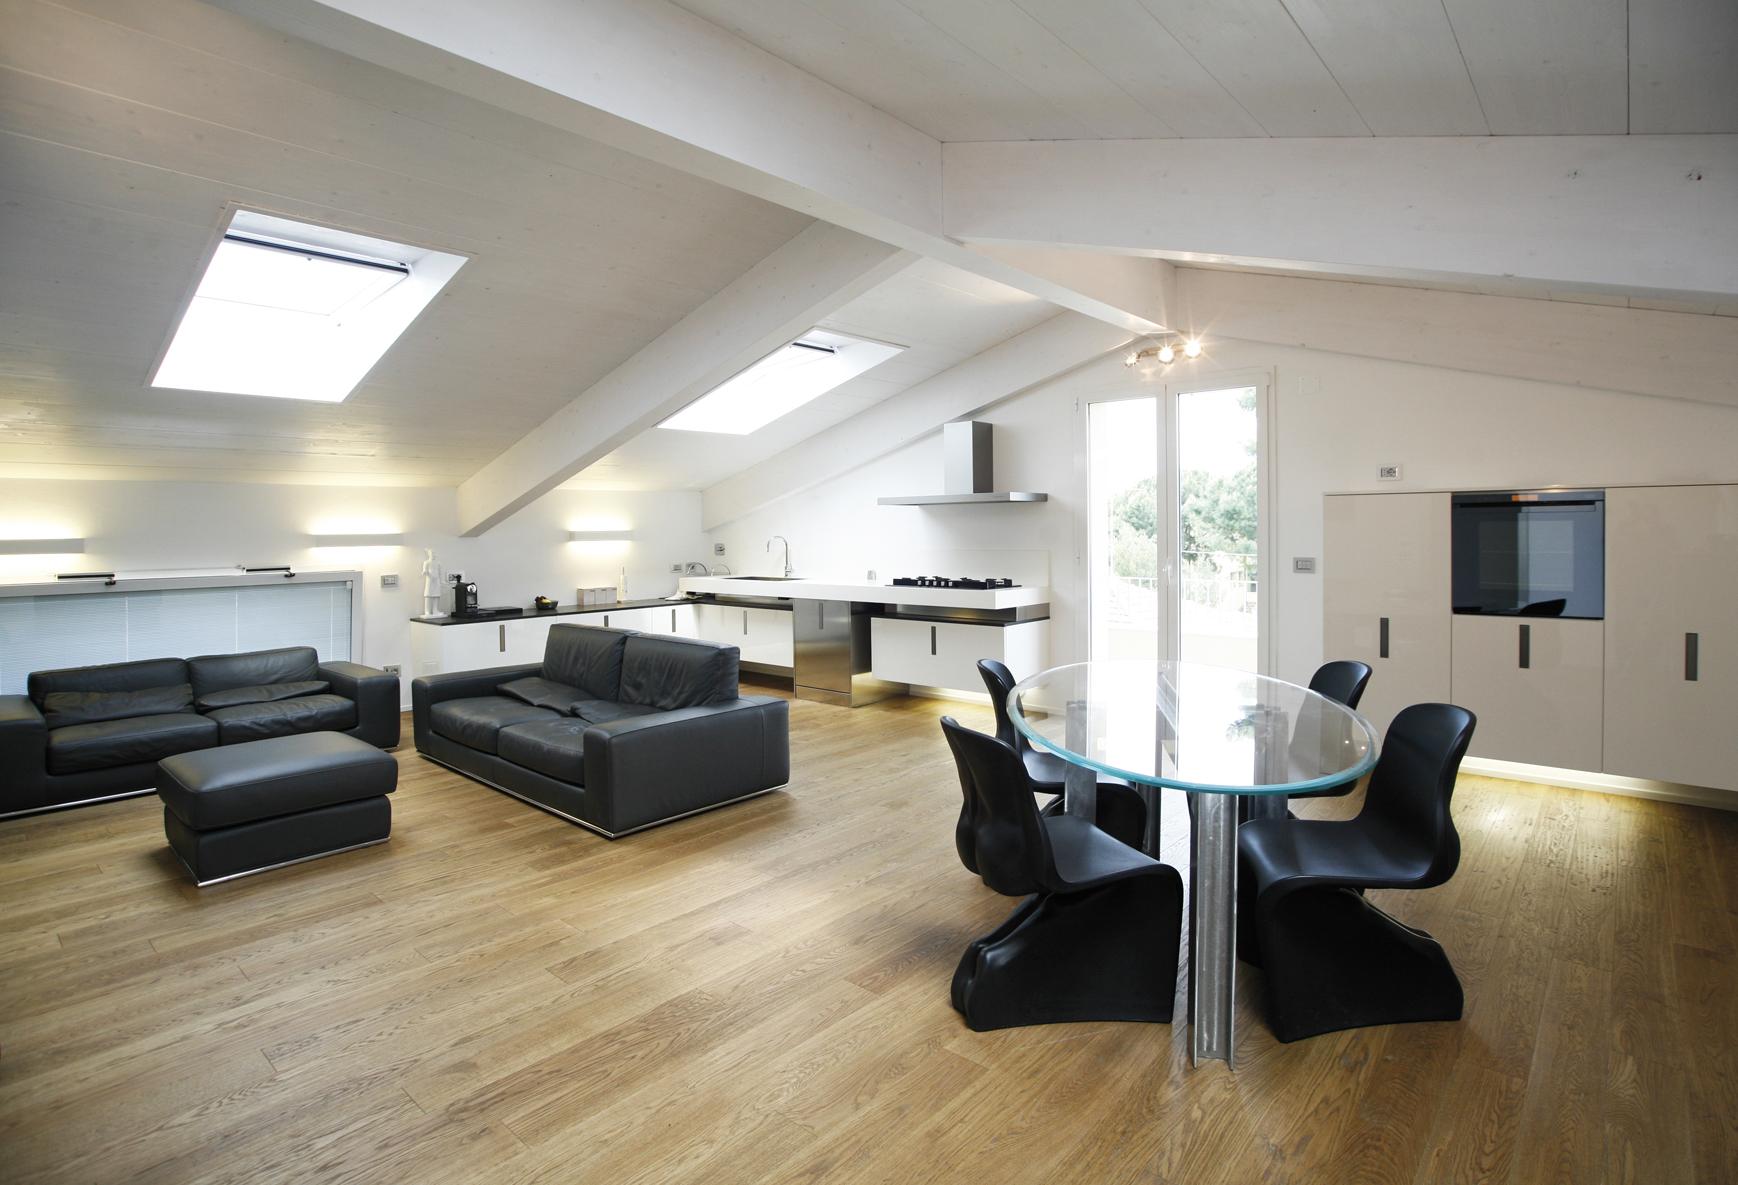 dachdecker favorit roto dachfenster aus kunststoff mit. Black Bedroom Furniture Sets. Home Design Ideas